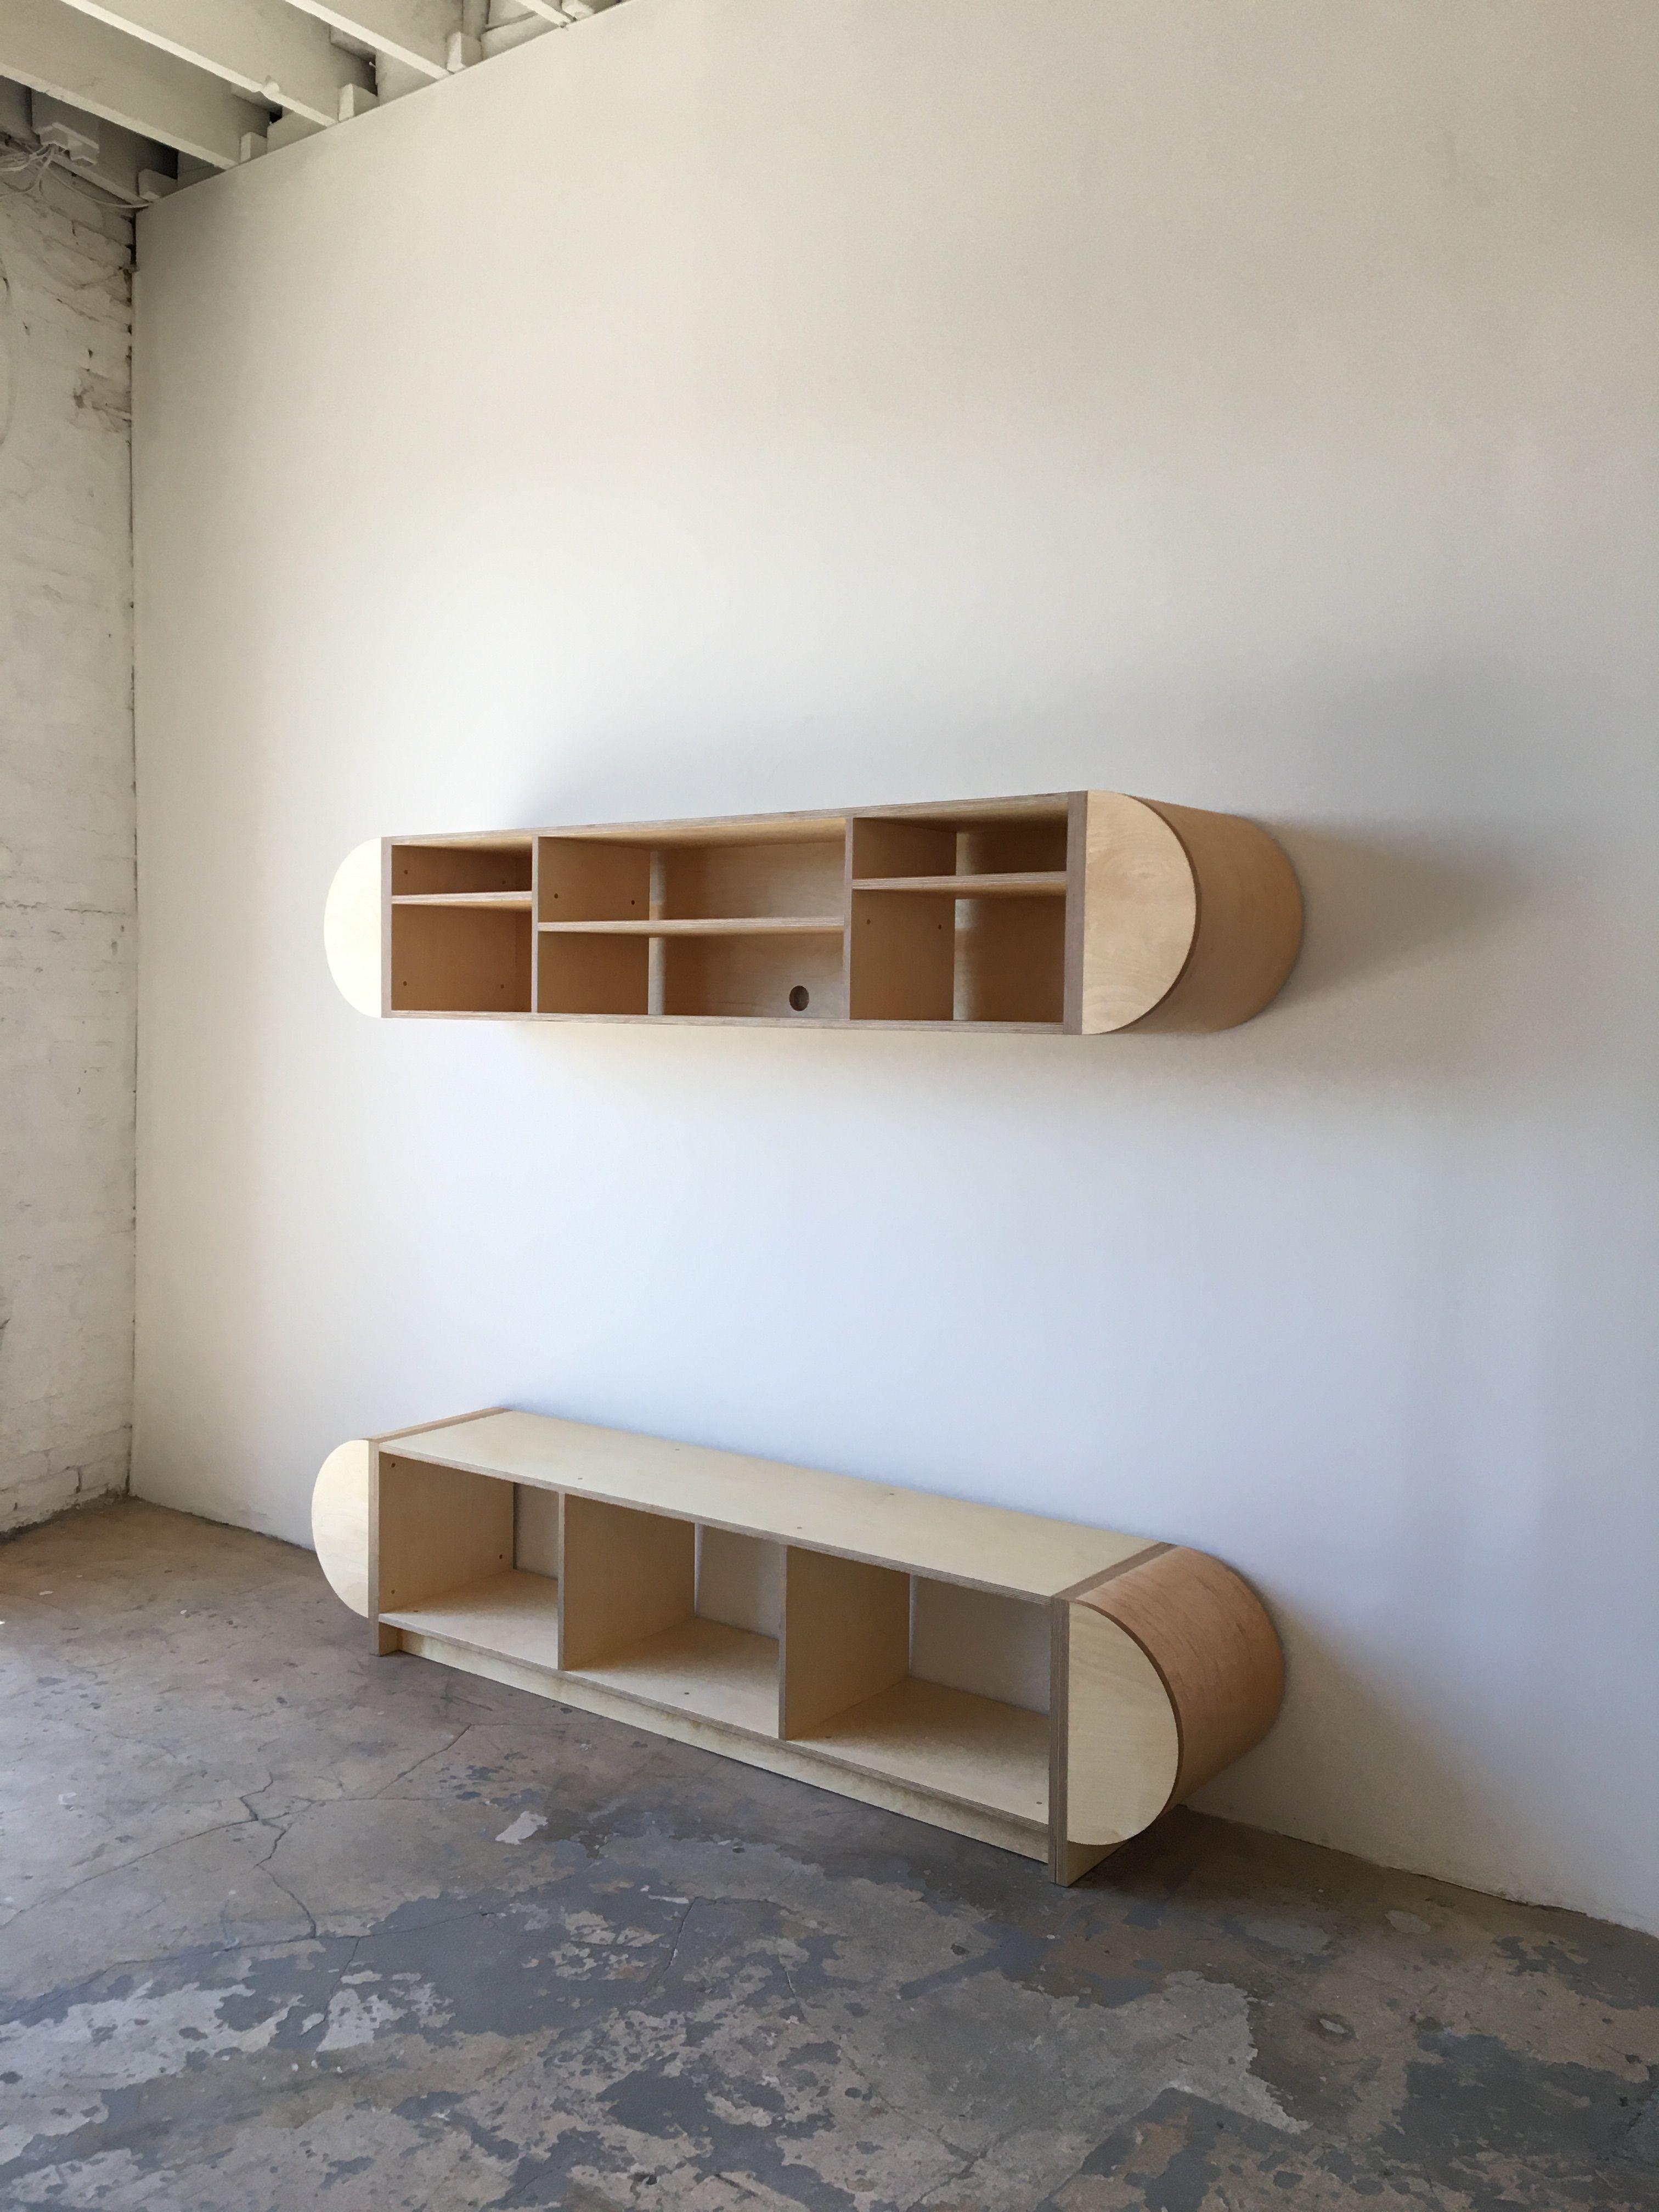 Half Round Storage Unit - Mouthwash Studio product image 1